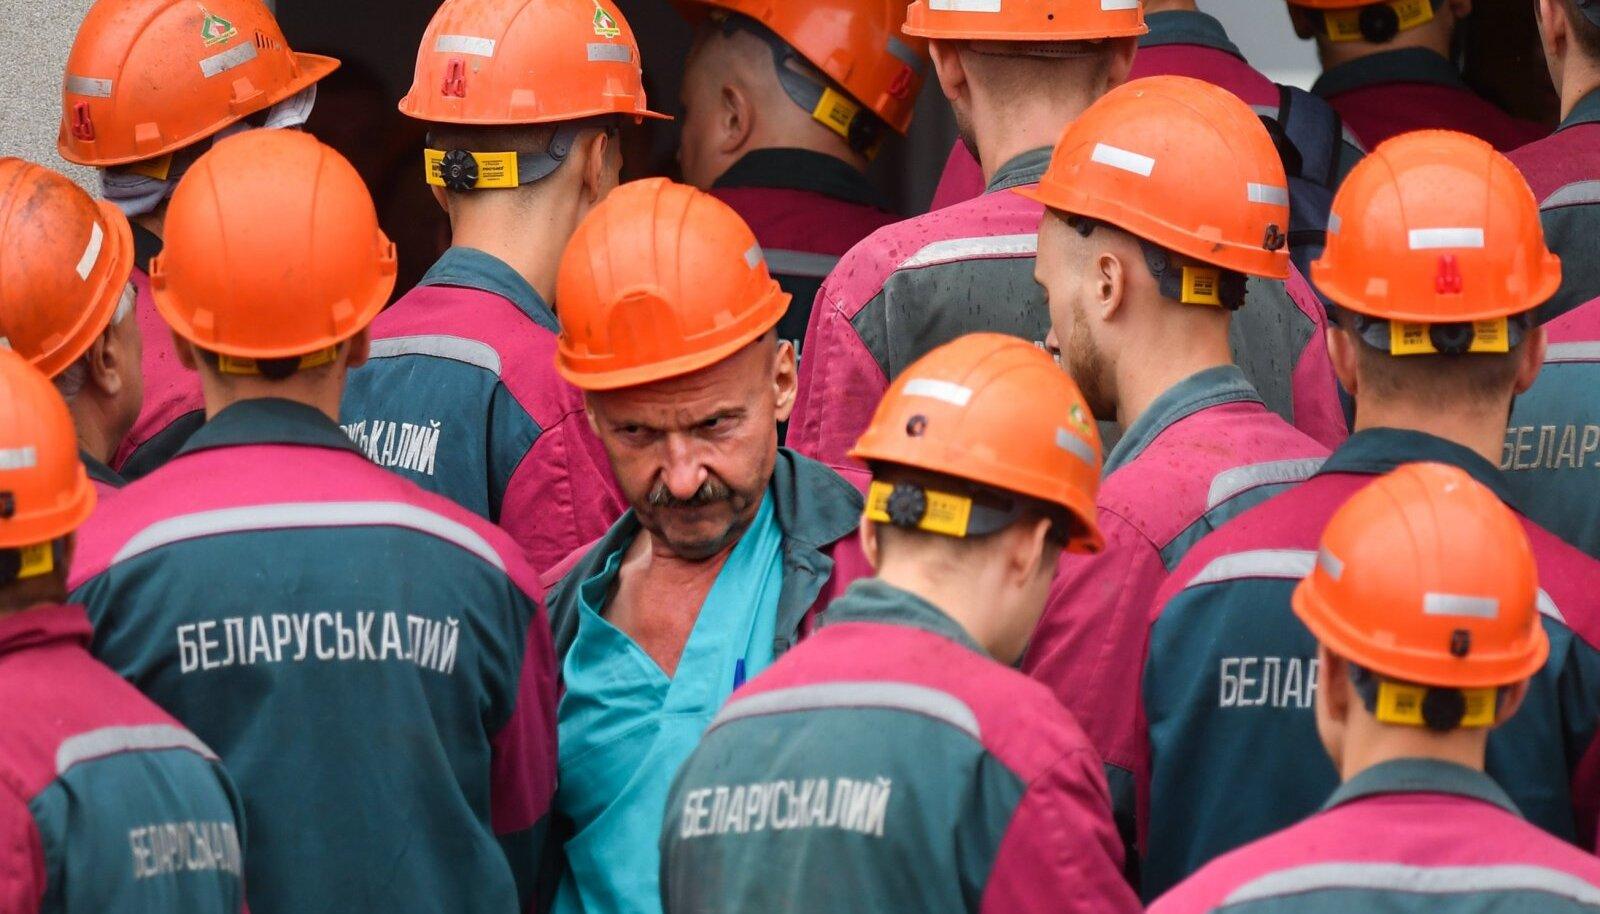 Uusi valimisi ja presidendi tagasiastumist nõuavad ka maailma ühe suurema kaalisoolatootja Belaruskali streikivad töötajad.